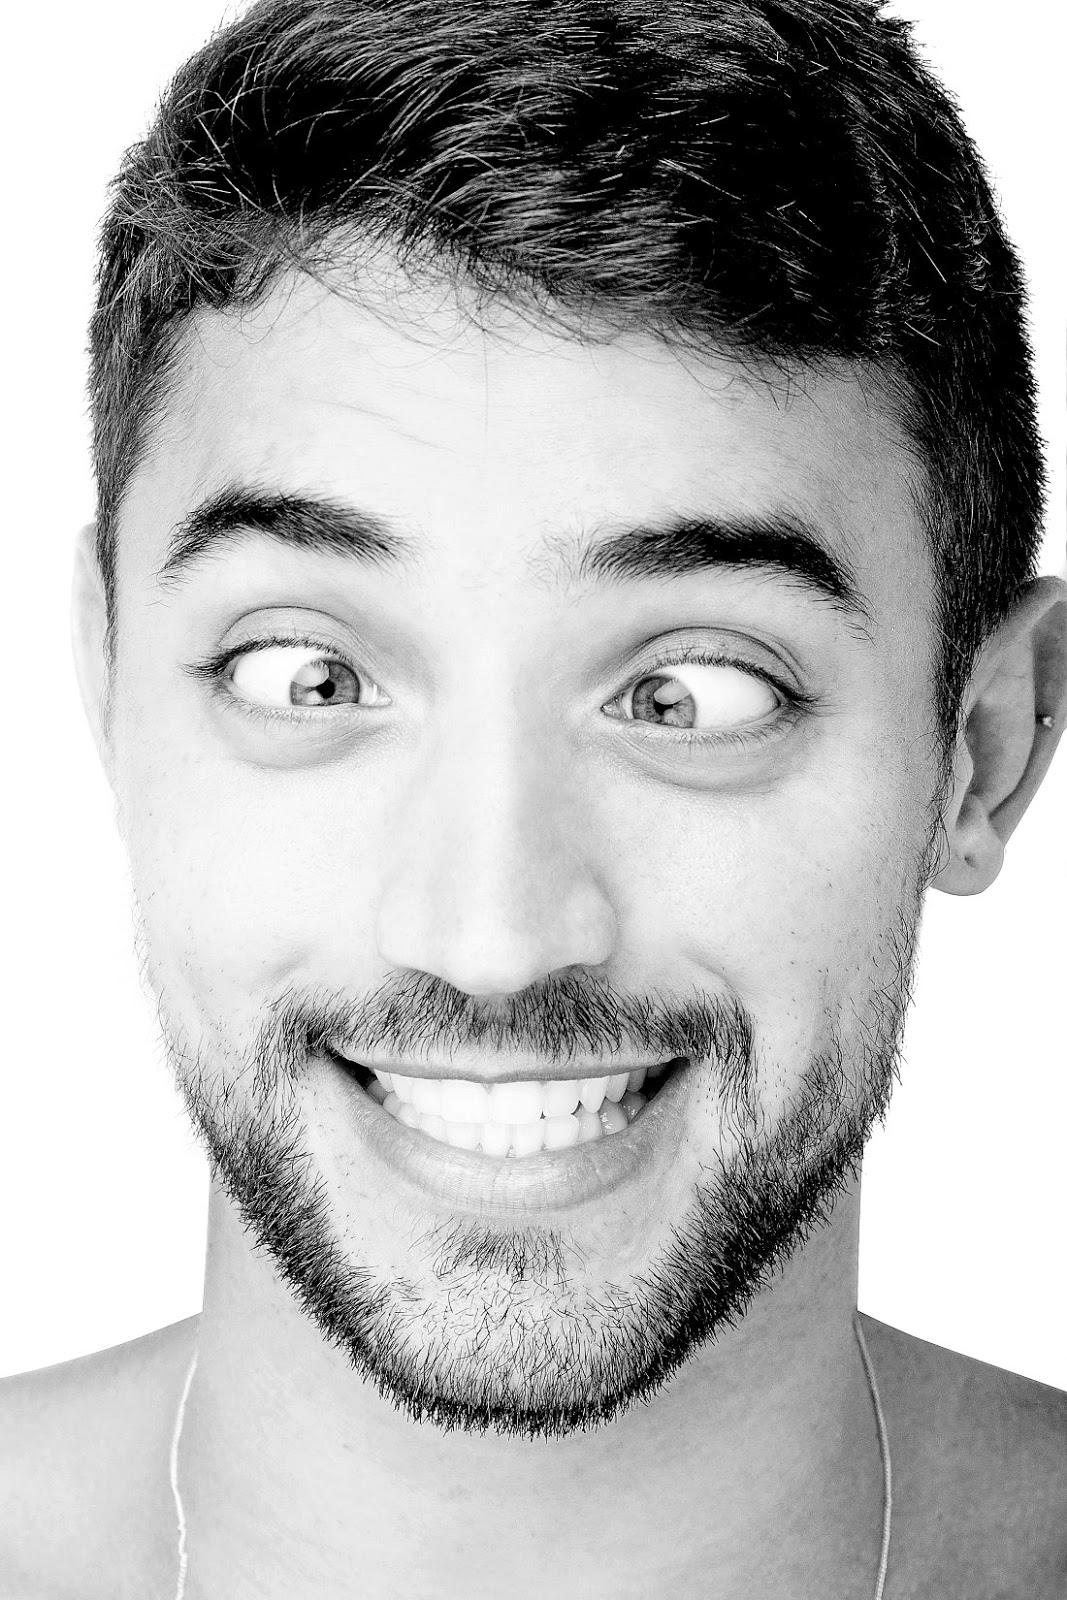 Danyllo Souza by Andre Costa